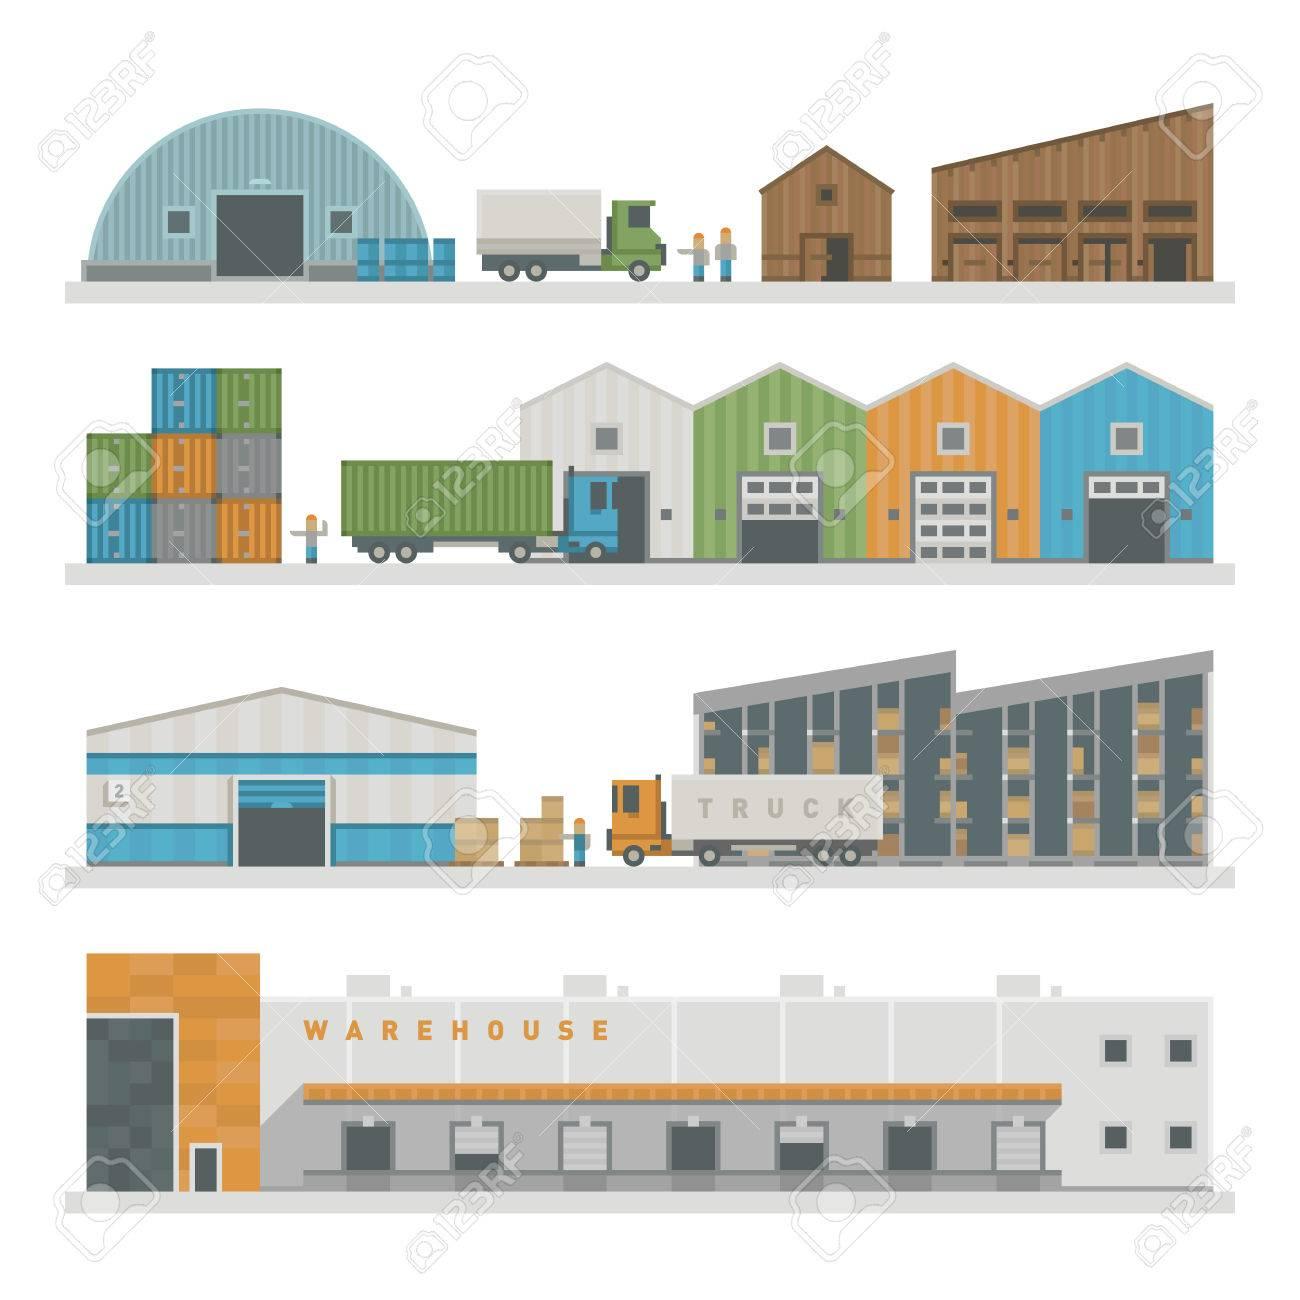 大規模な倉庫派遣業界、倉庫貨物輸送配送パッケージ建物の商品を準備します。倉庫建物産業フラット ベクトル